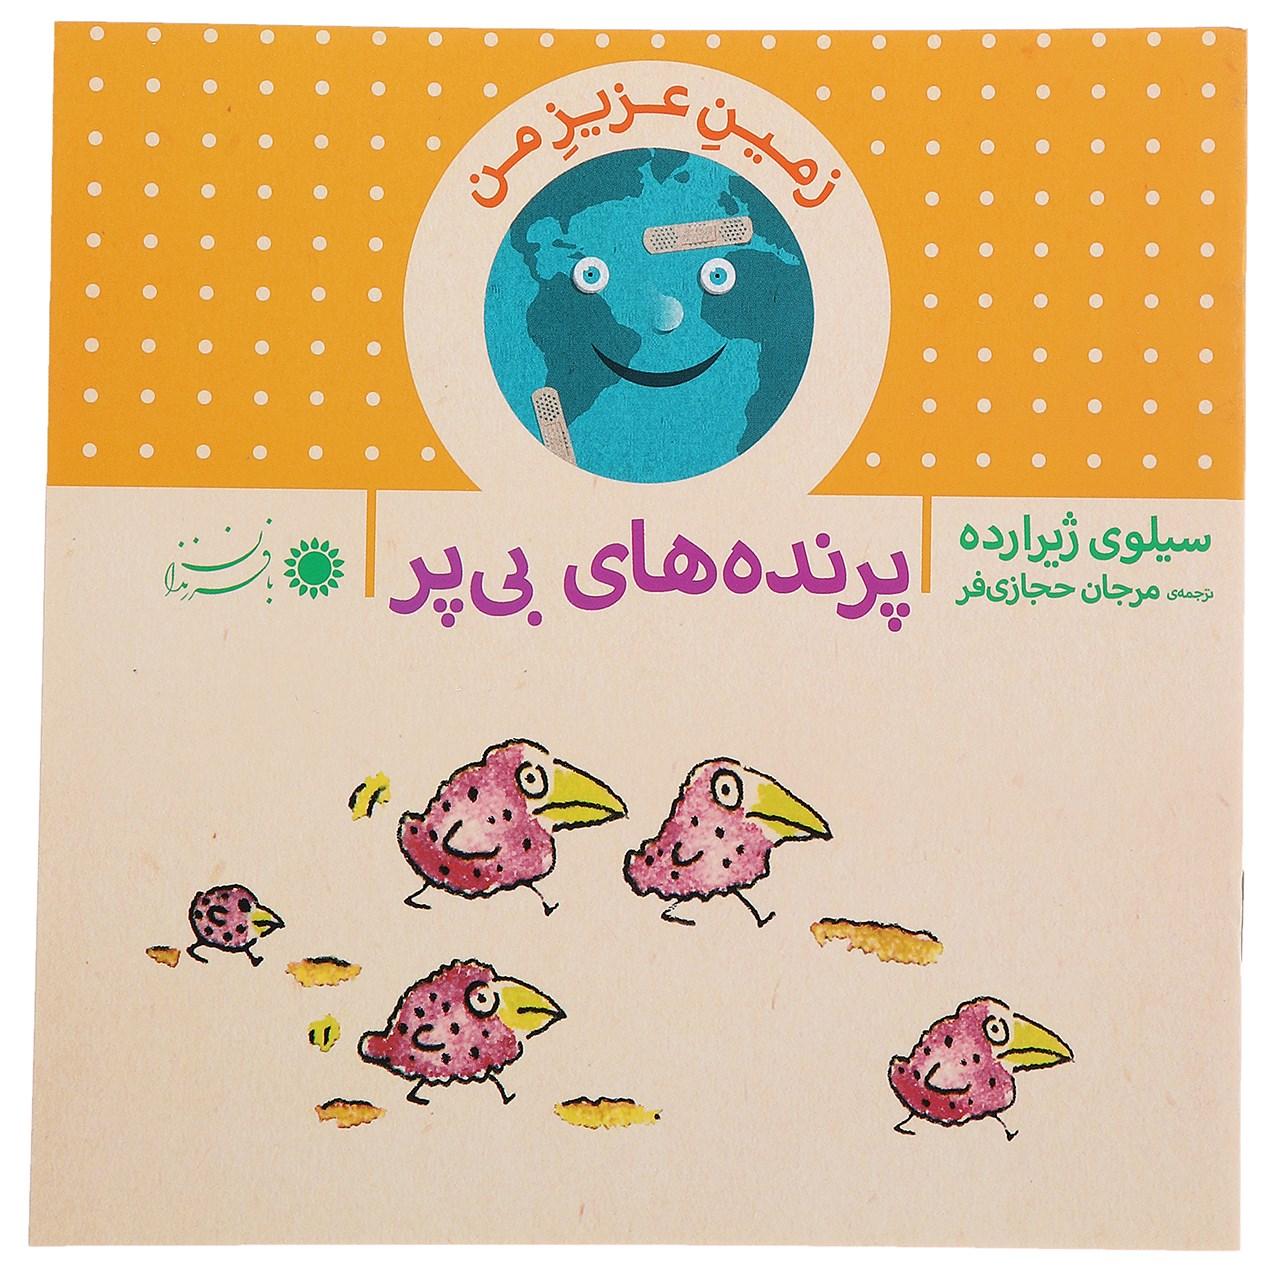 خرید                      کتاب زمین عزیز من پرنده های بی پر اثر سیلوی ژیرارده